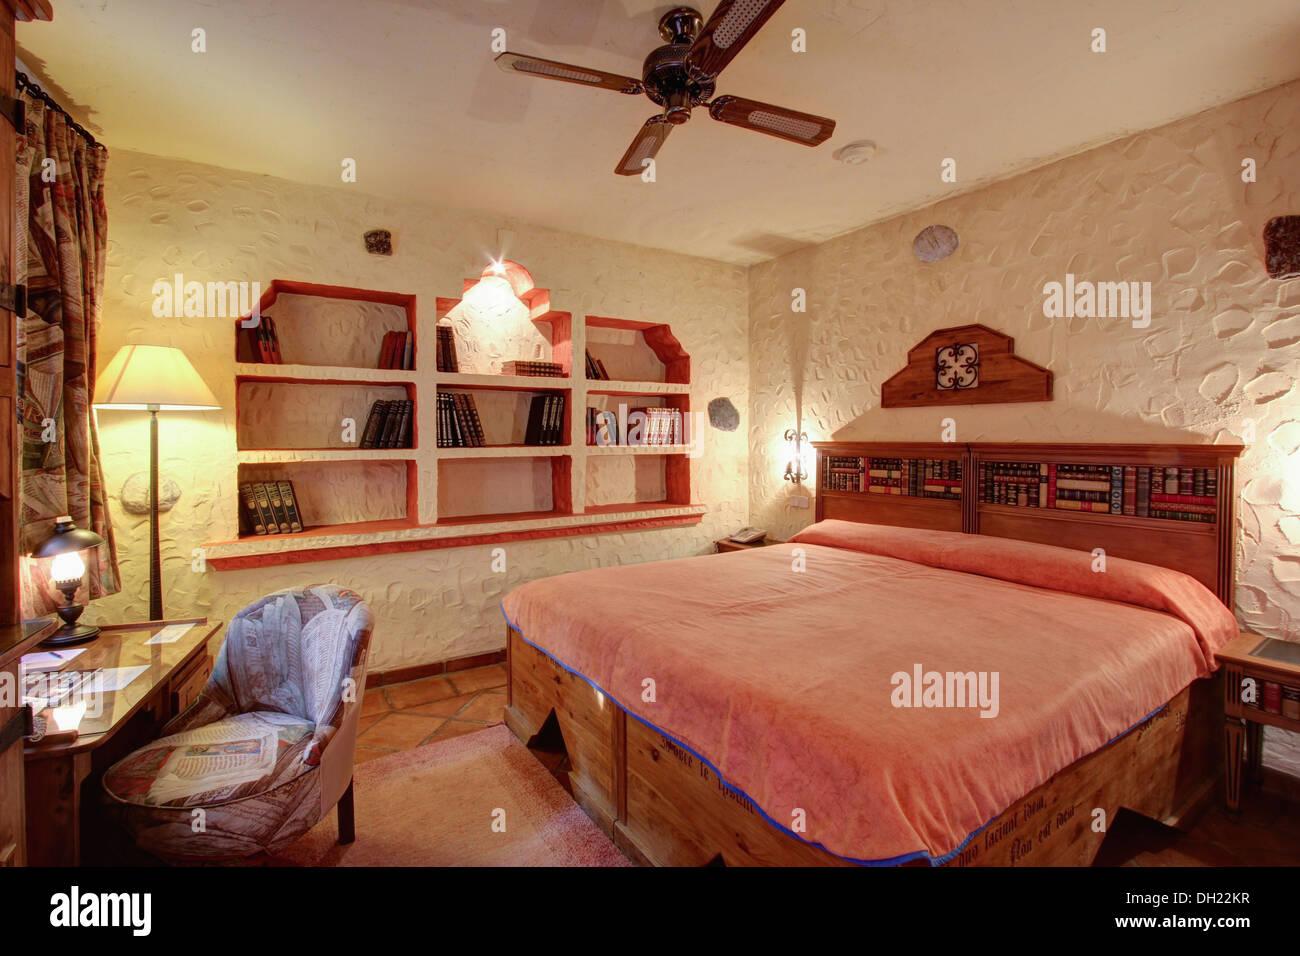 Pareti Rosa Camera Da Letto : Letto in legno con coperchio rosa in camera da letto con intonaco